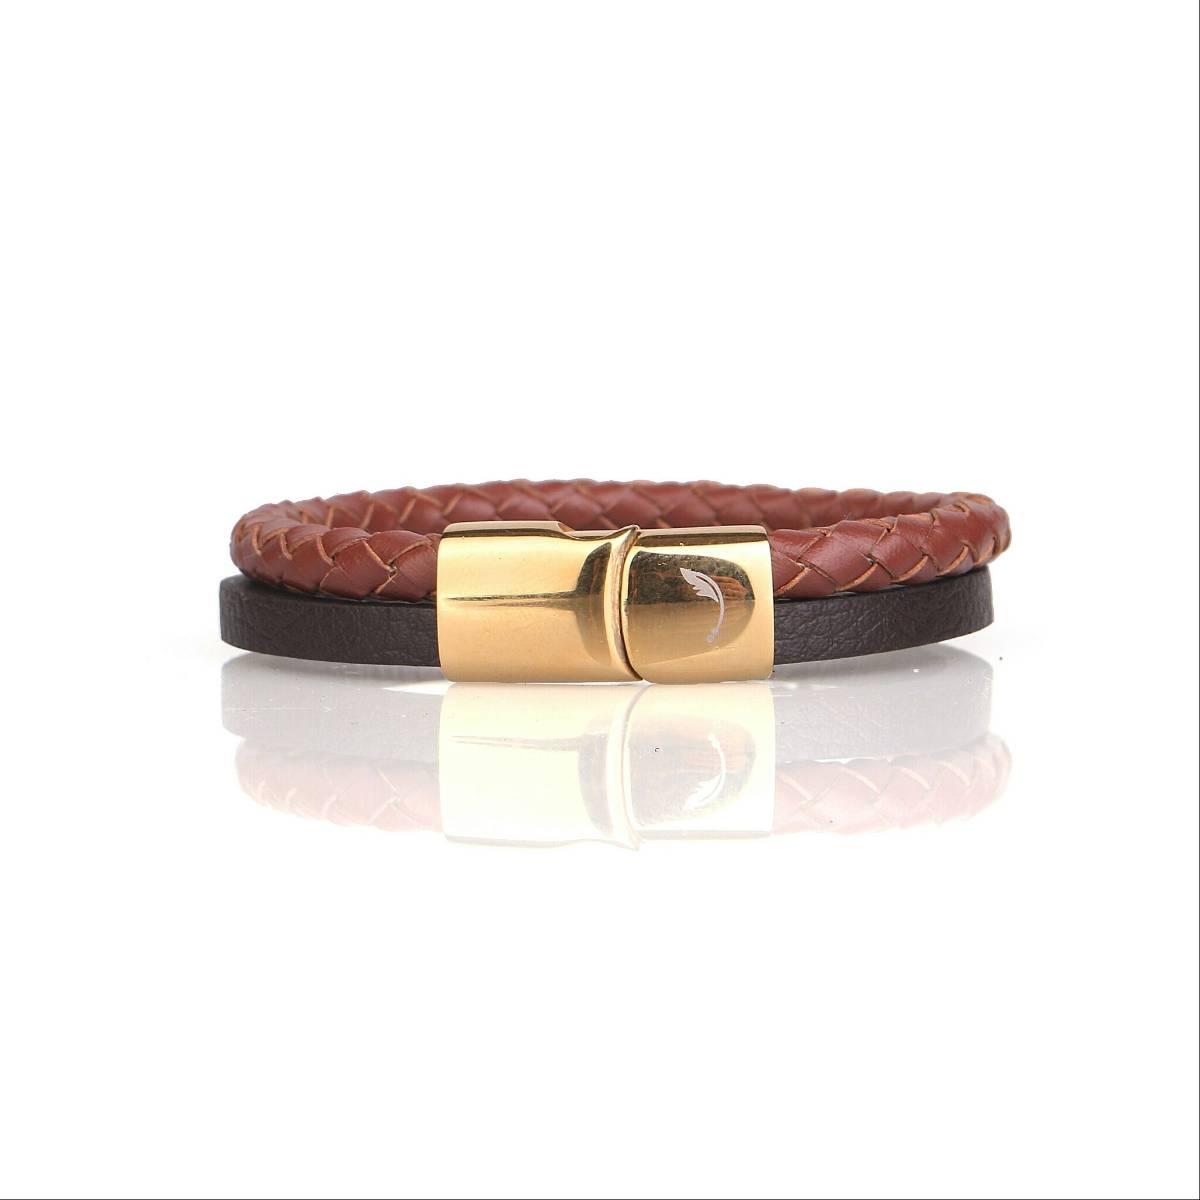 Two Tone Snap Guten Bracelet